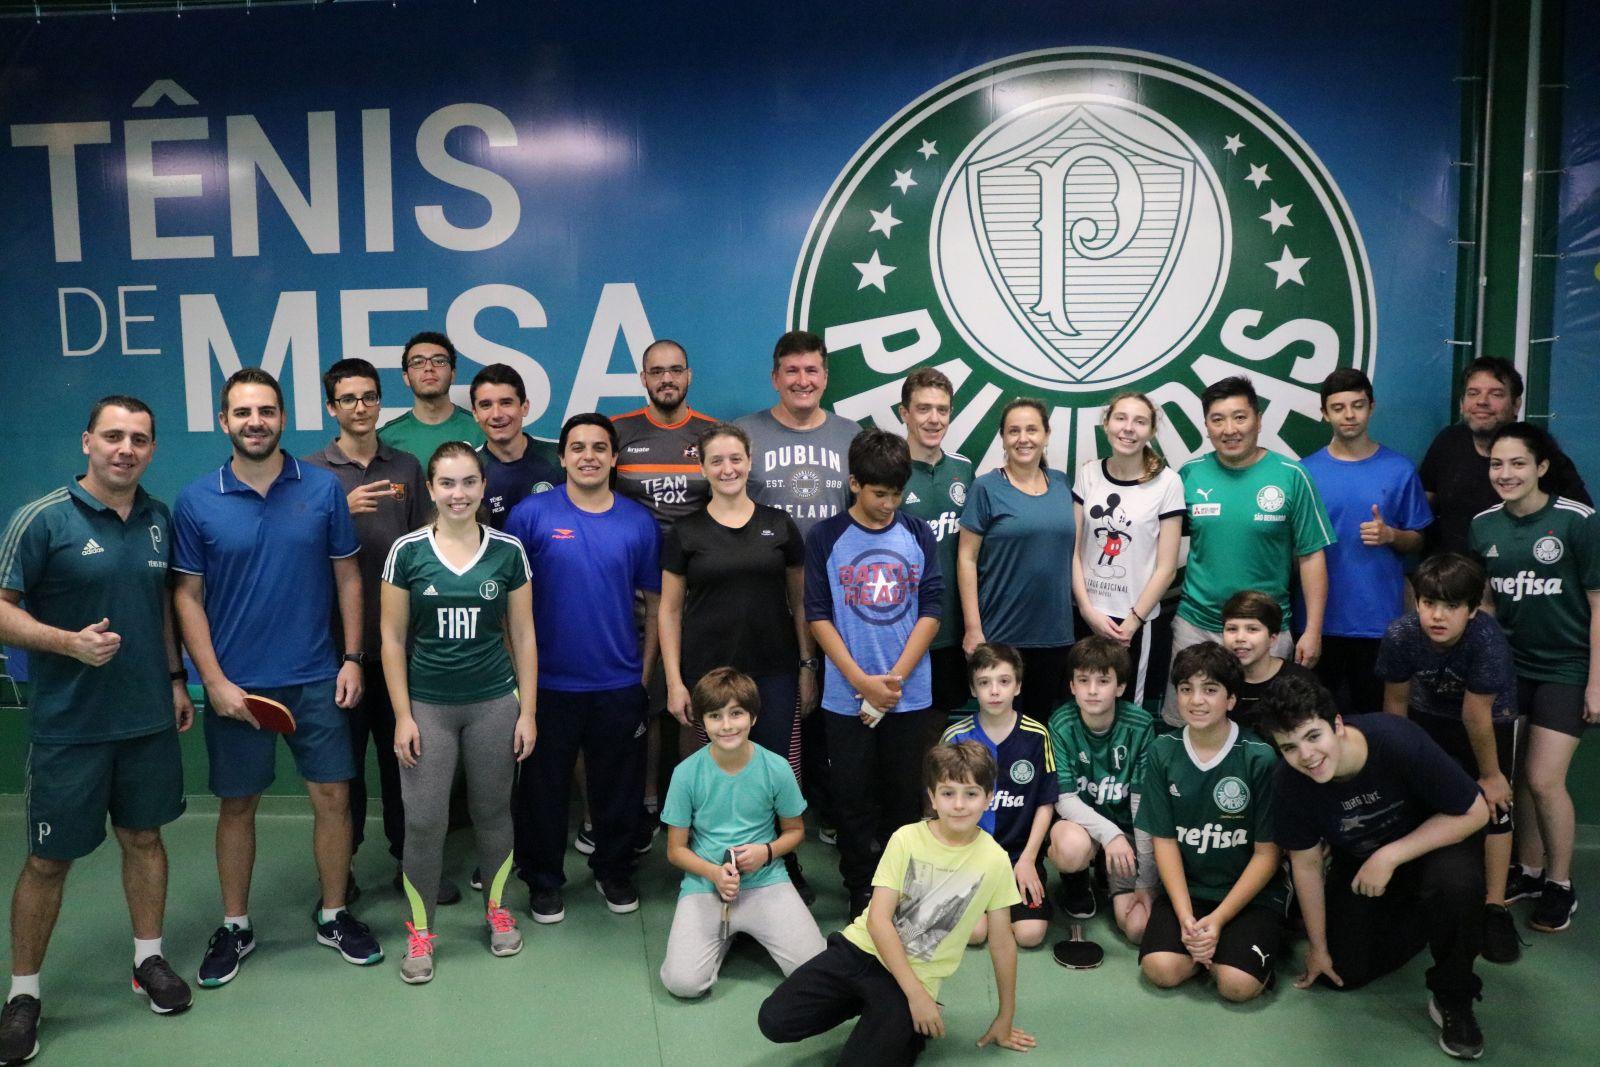 Priscila Pedroso/Divulgação_Hugo Hoyama participou do evento junto com os associados